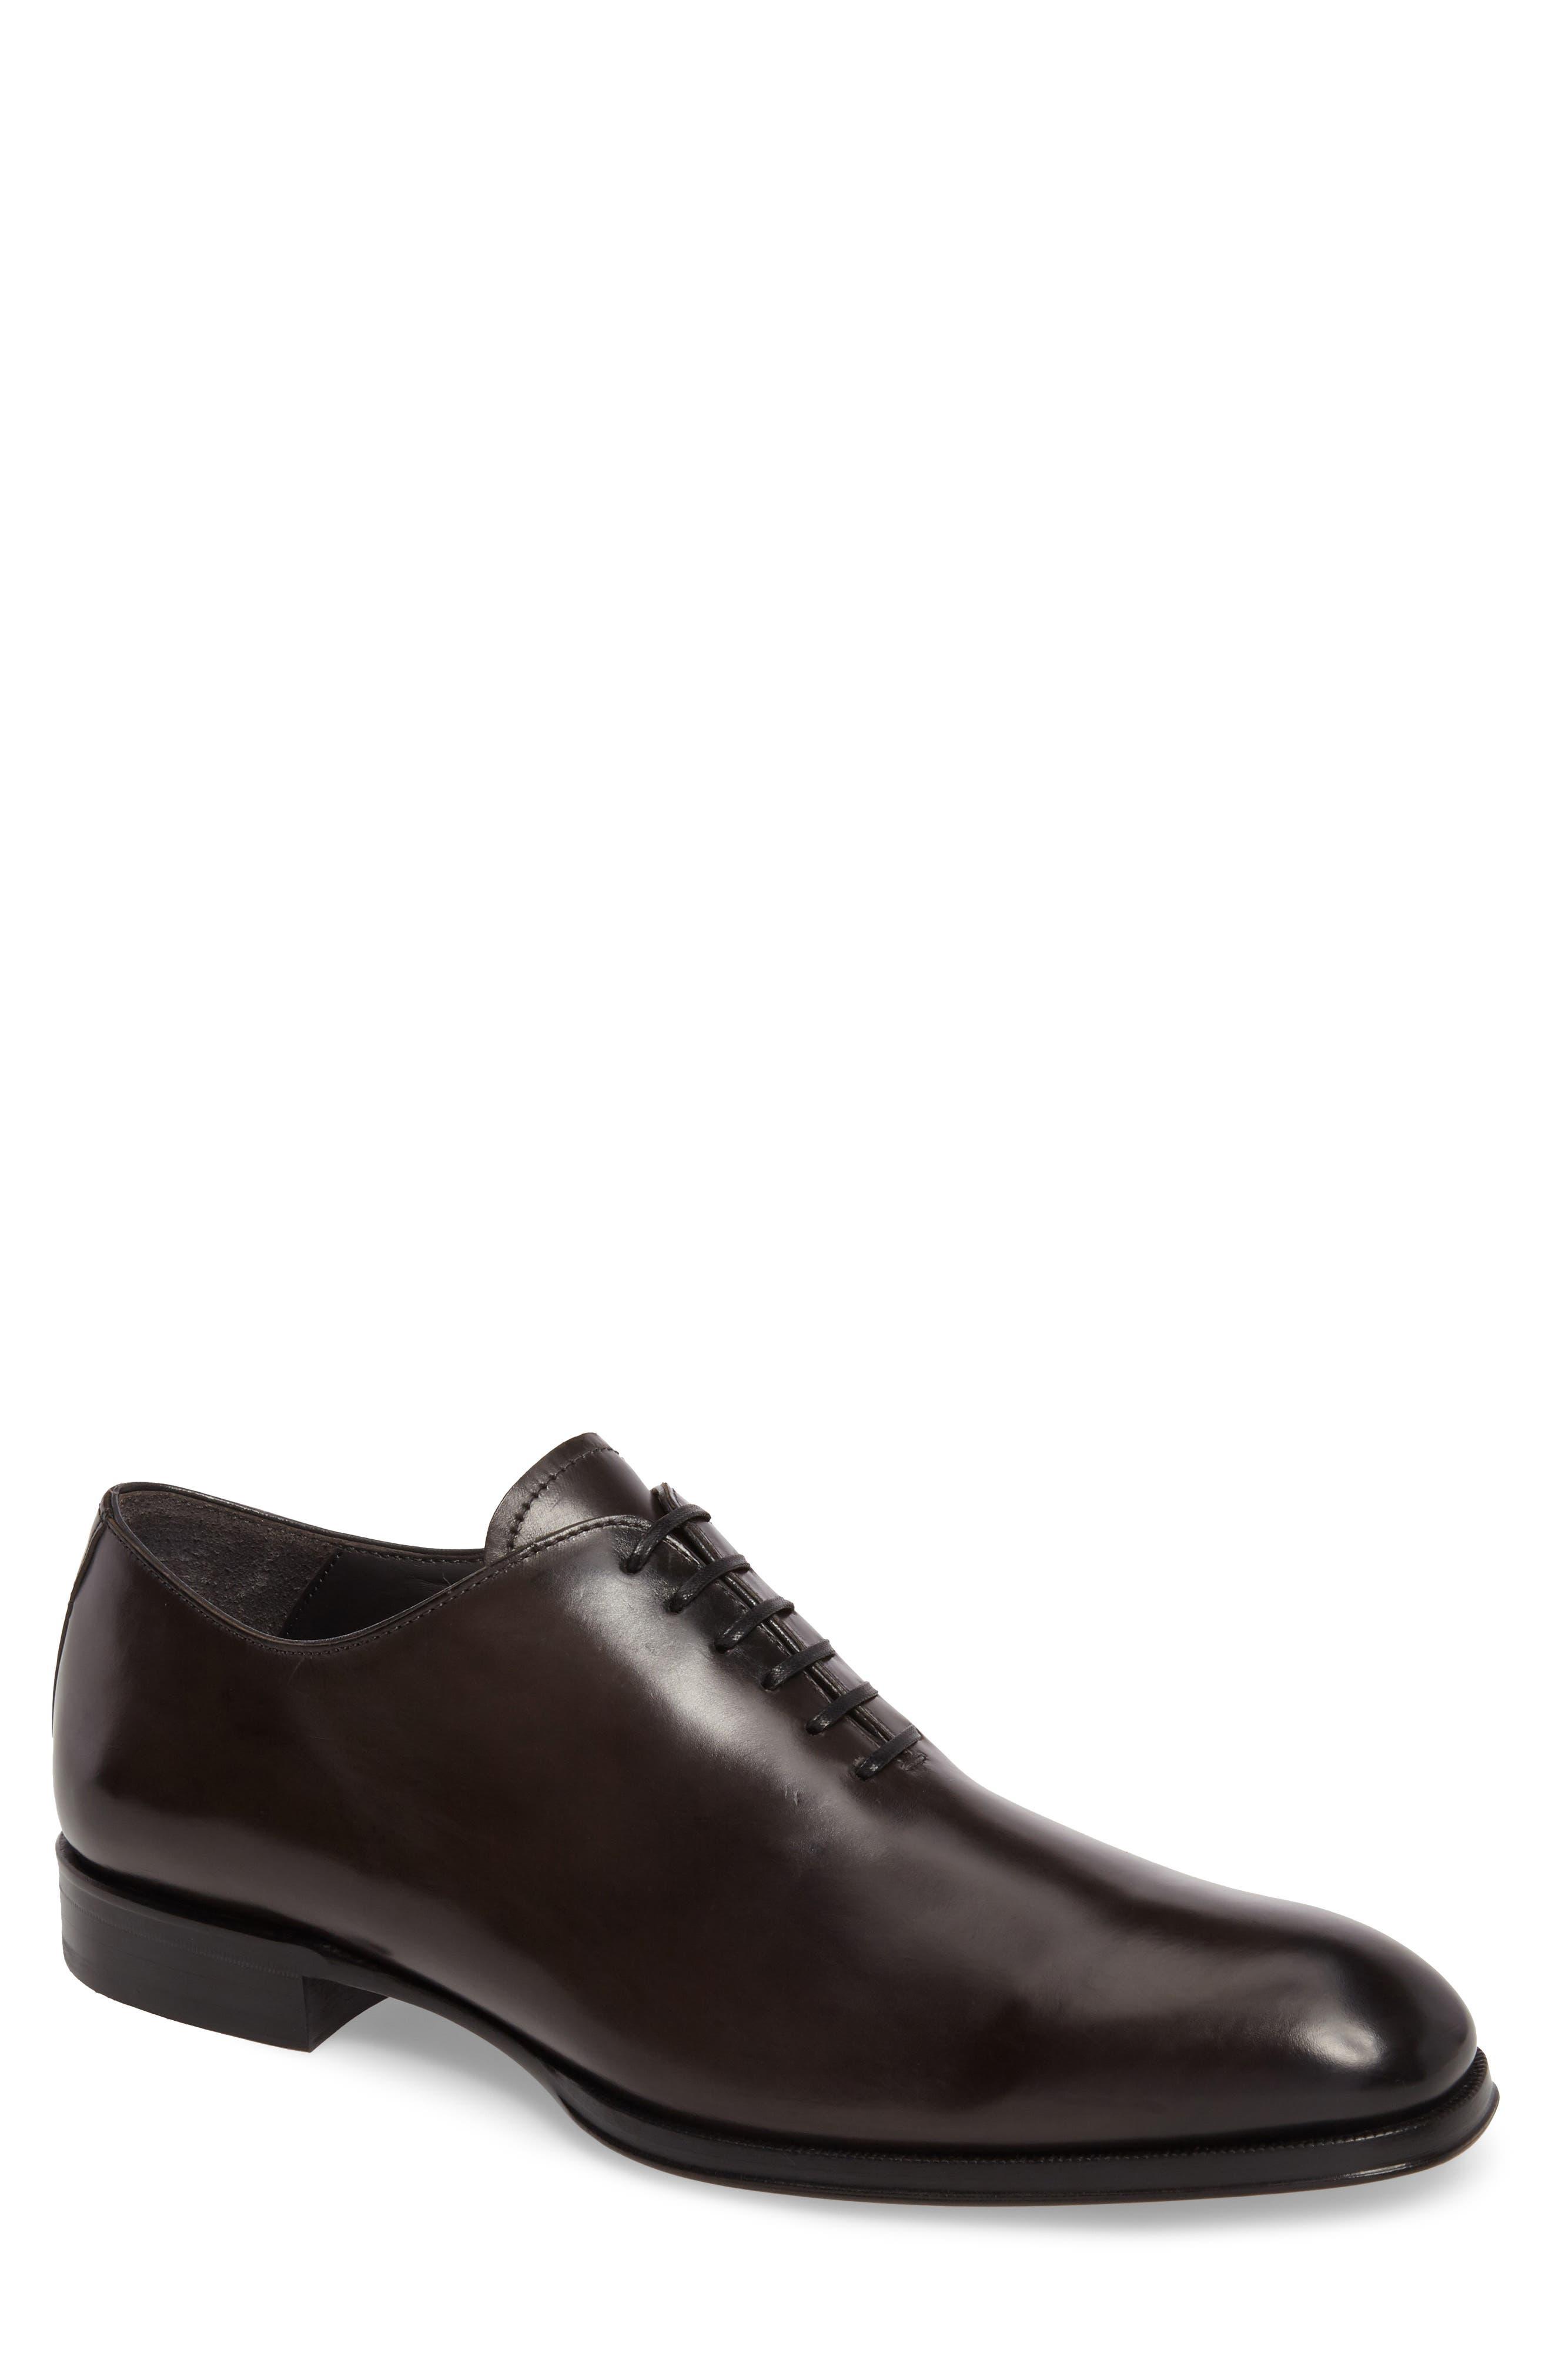 To Boot New York Wholecut Oxford (Men)